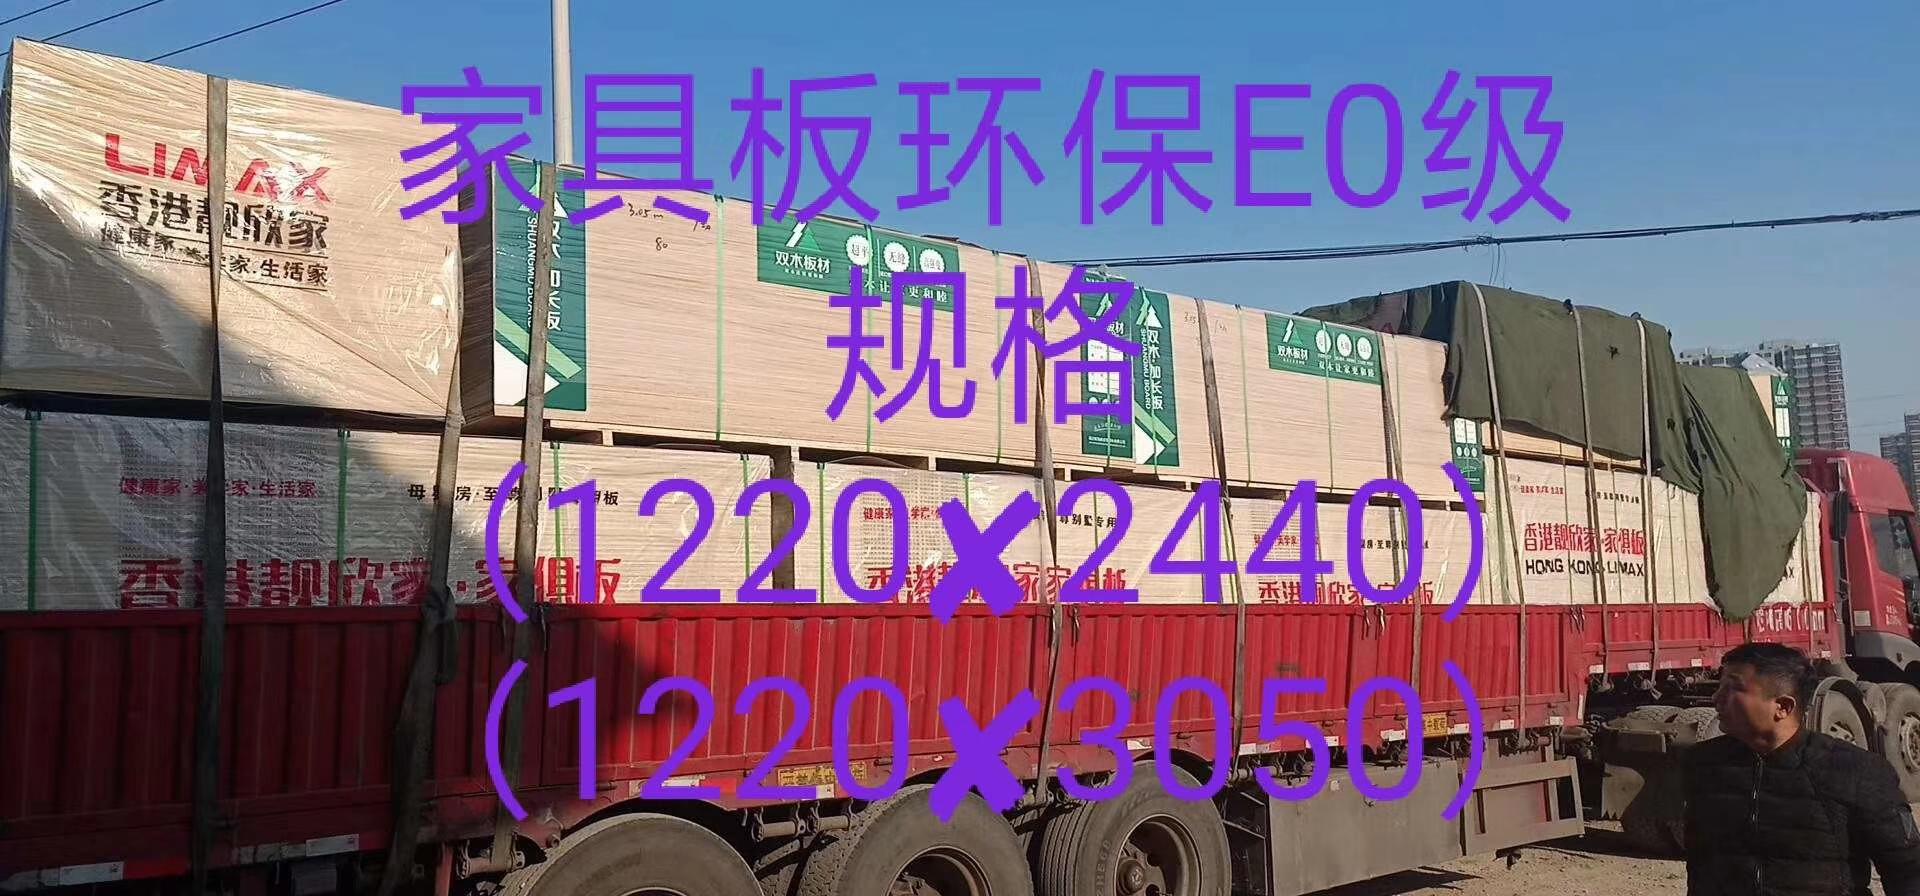 北京家具双面可贴皮多层板批发、价格、经销商(北京耐美力国际澳松板贸易有限公司)